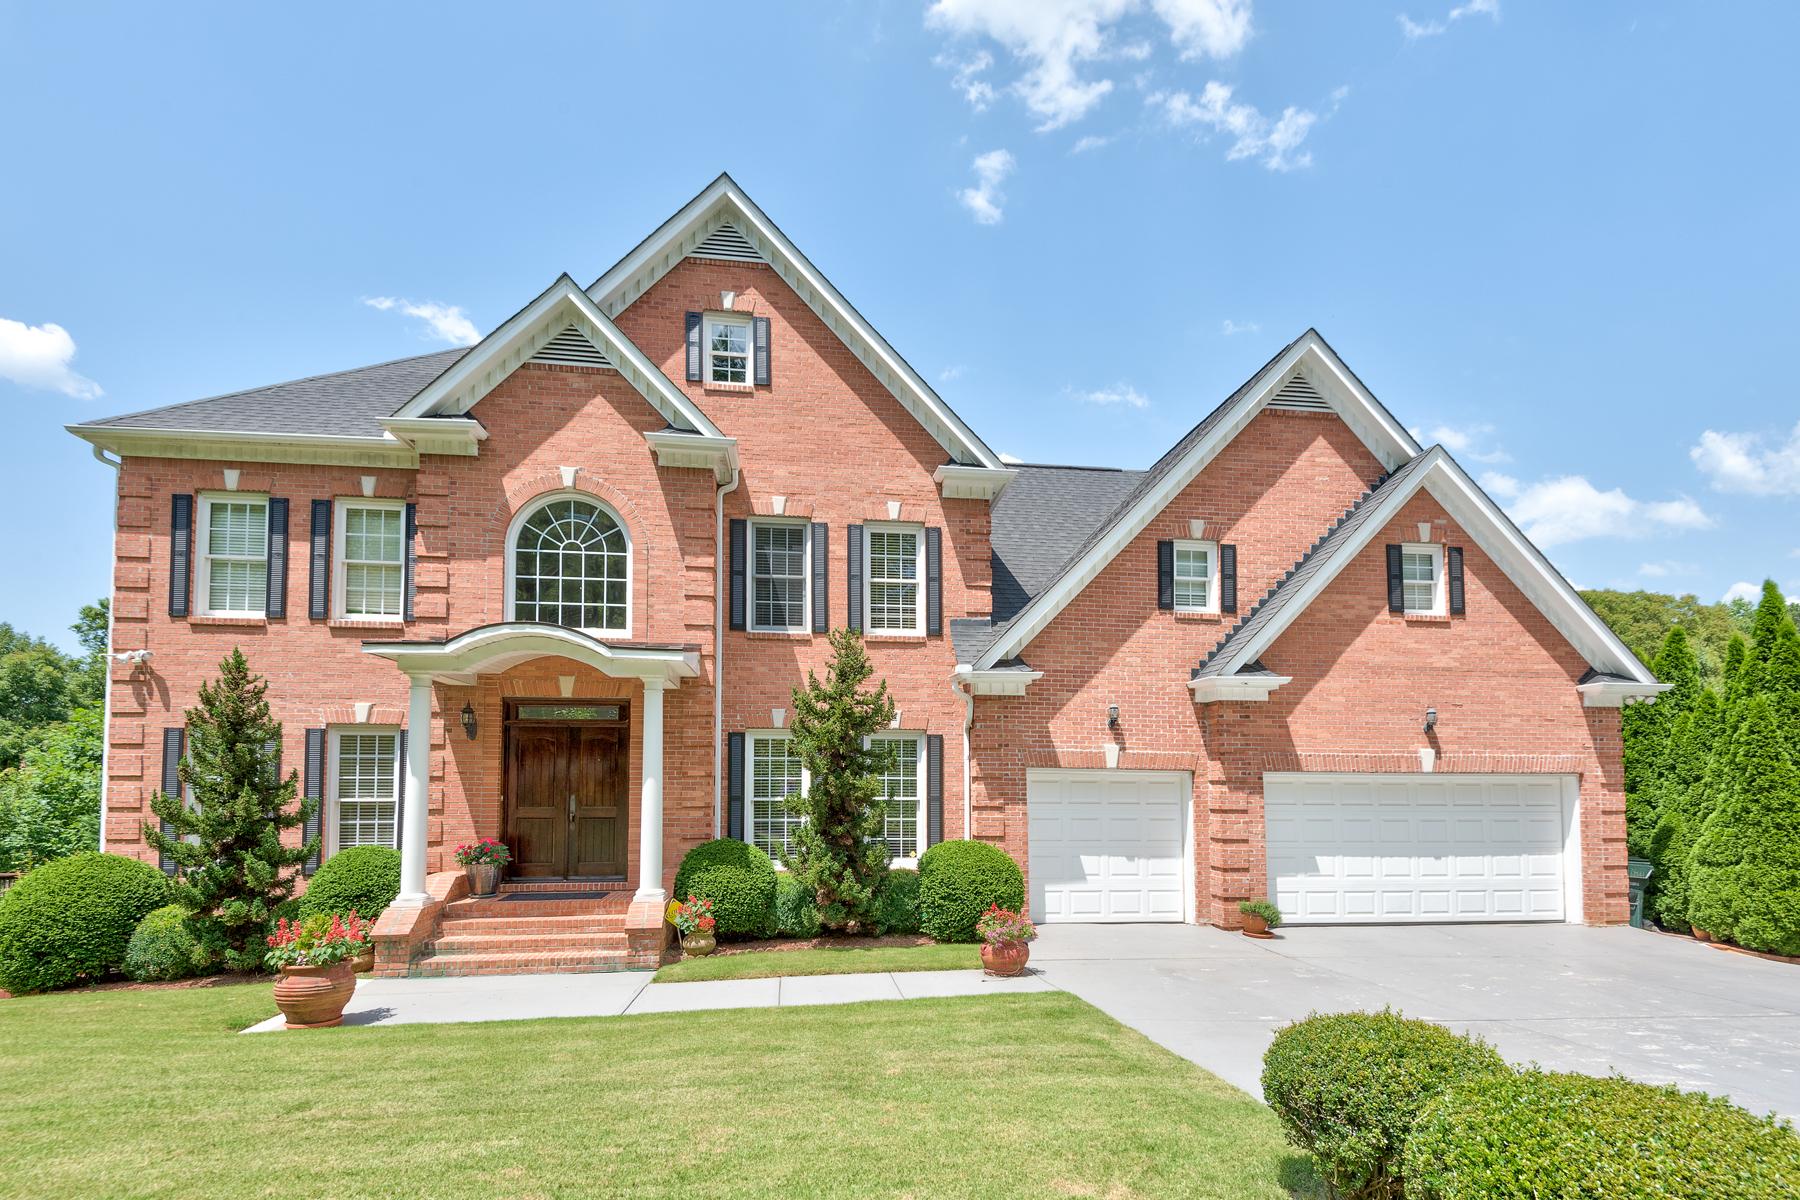 獨棟家庭住宅 為 出售 在 Stunning Brick Home Located In Quiet Sandy Springs Neighborhood 580 Calaveras Drive Sandy Springs, 喬治亞州, 30350 美國